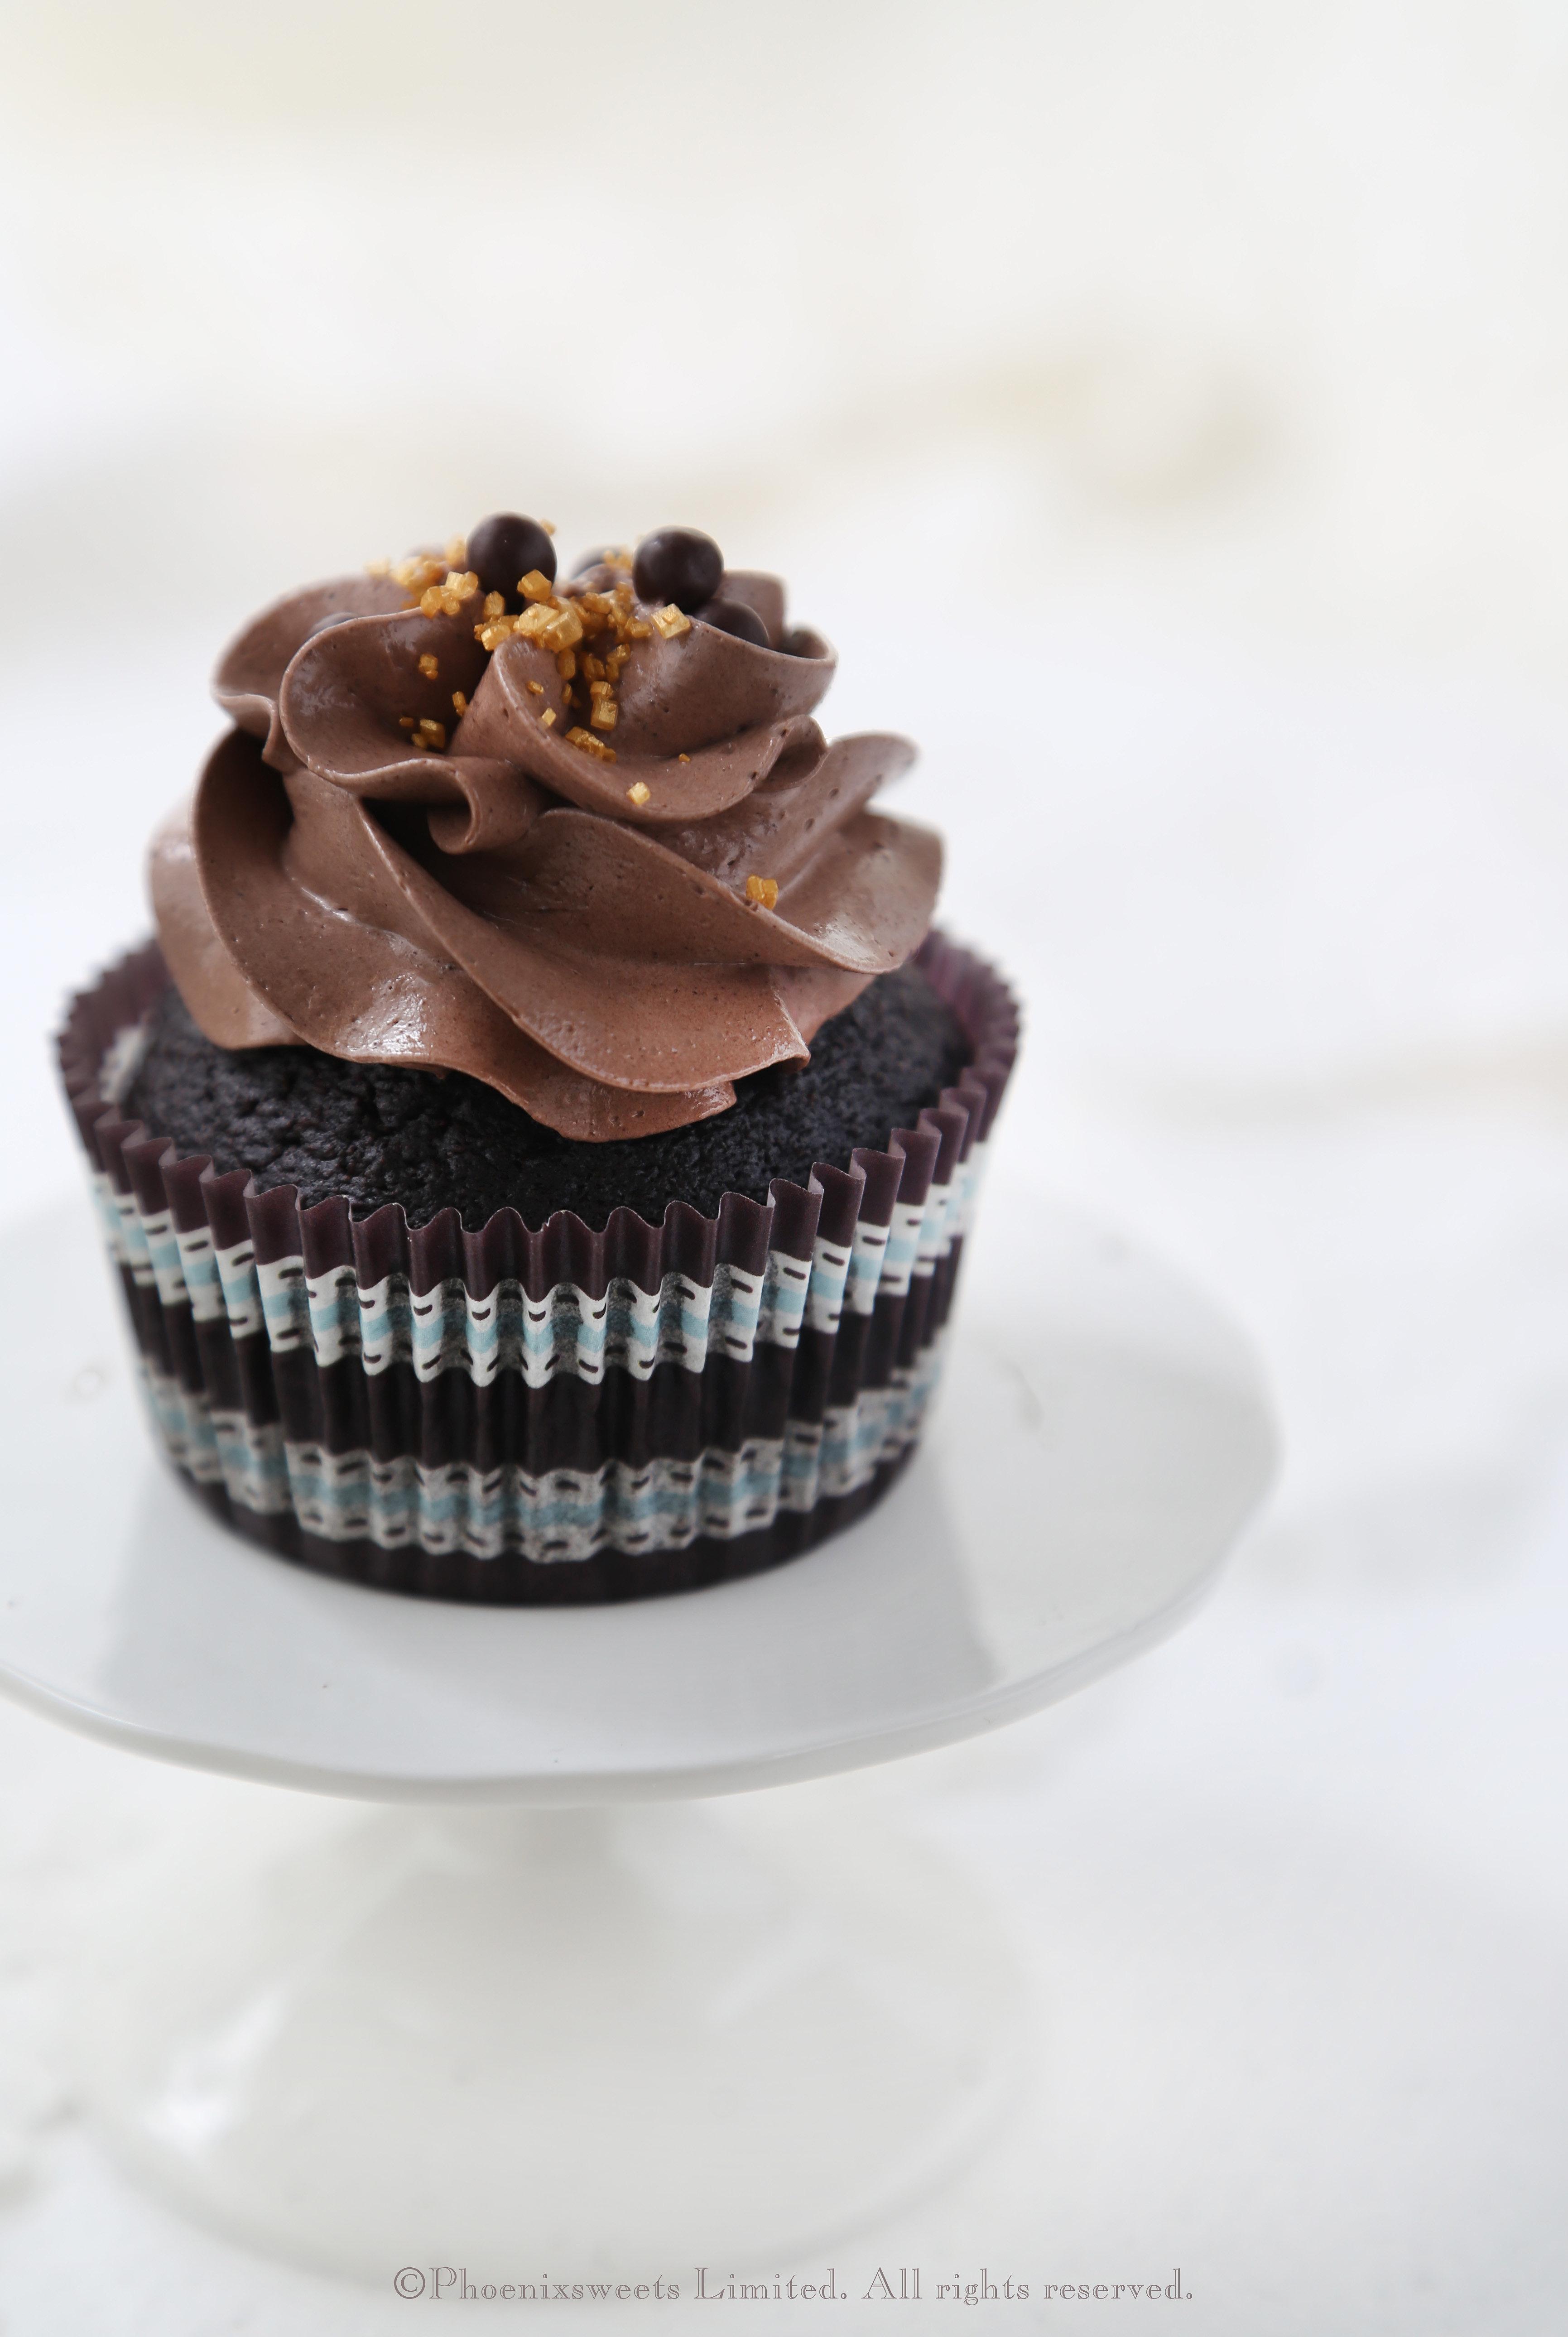 What Is Valrhona Chocolate Cake